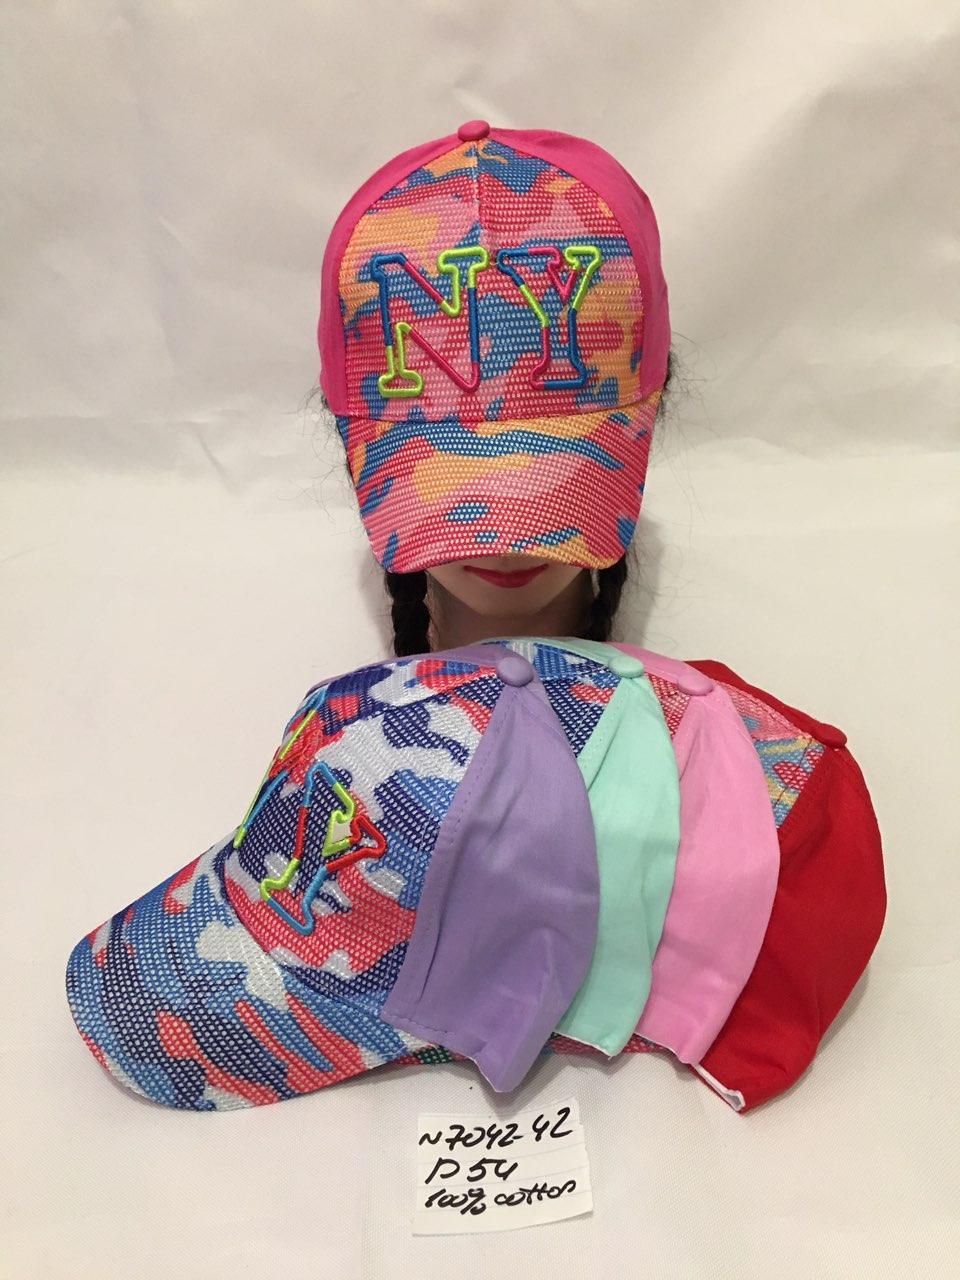 Стильная летняя детская кепка для девочки р.54 100% cotton